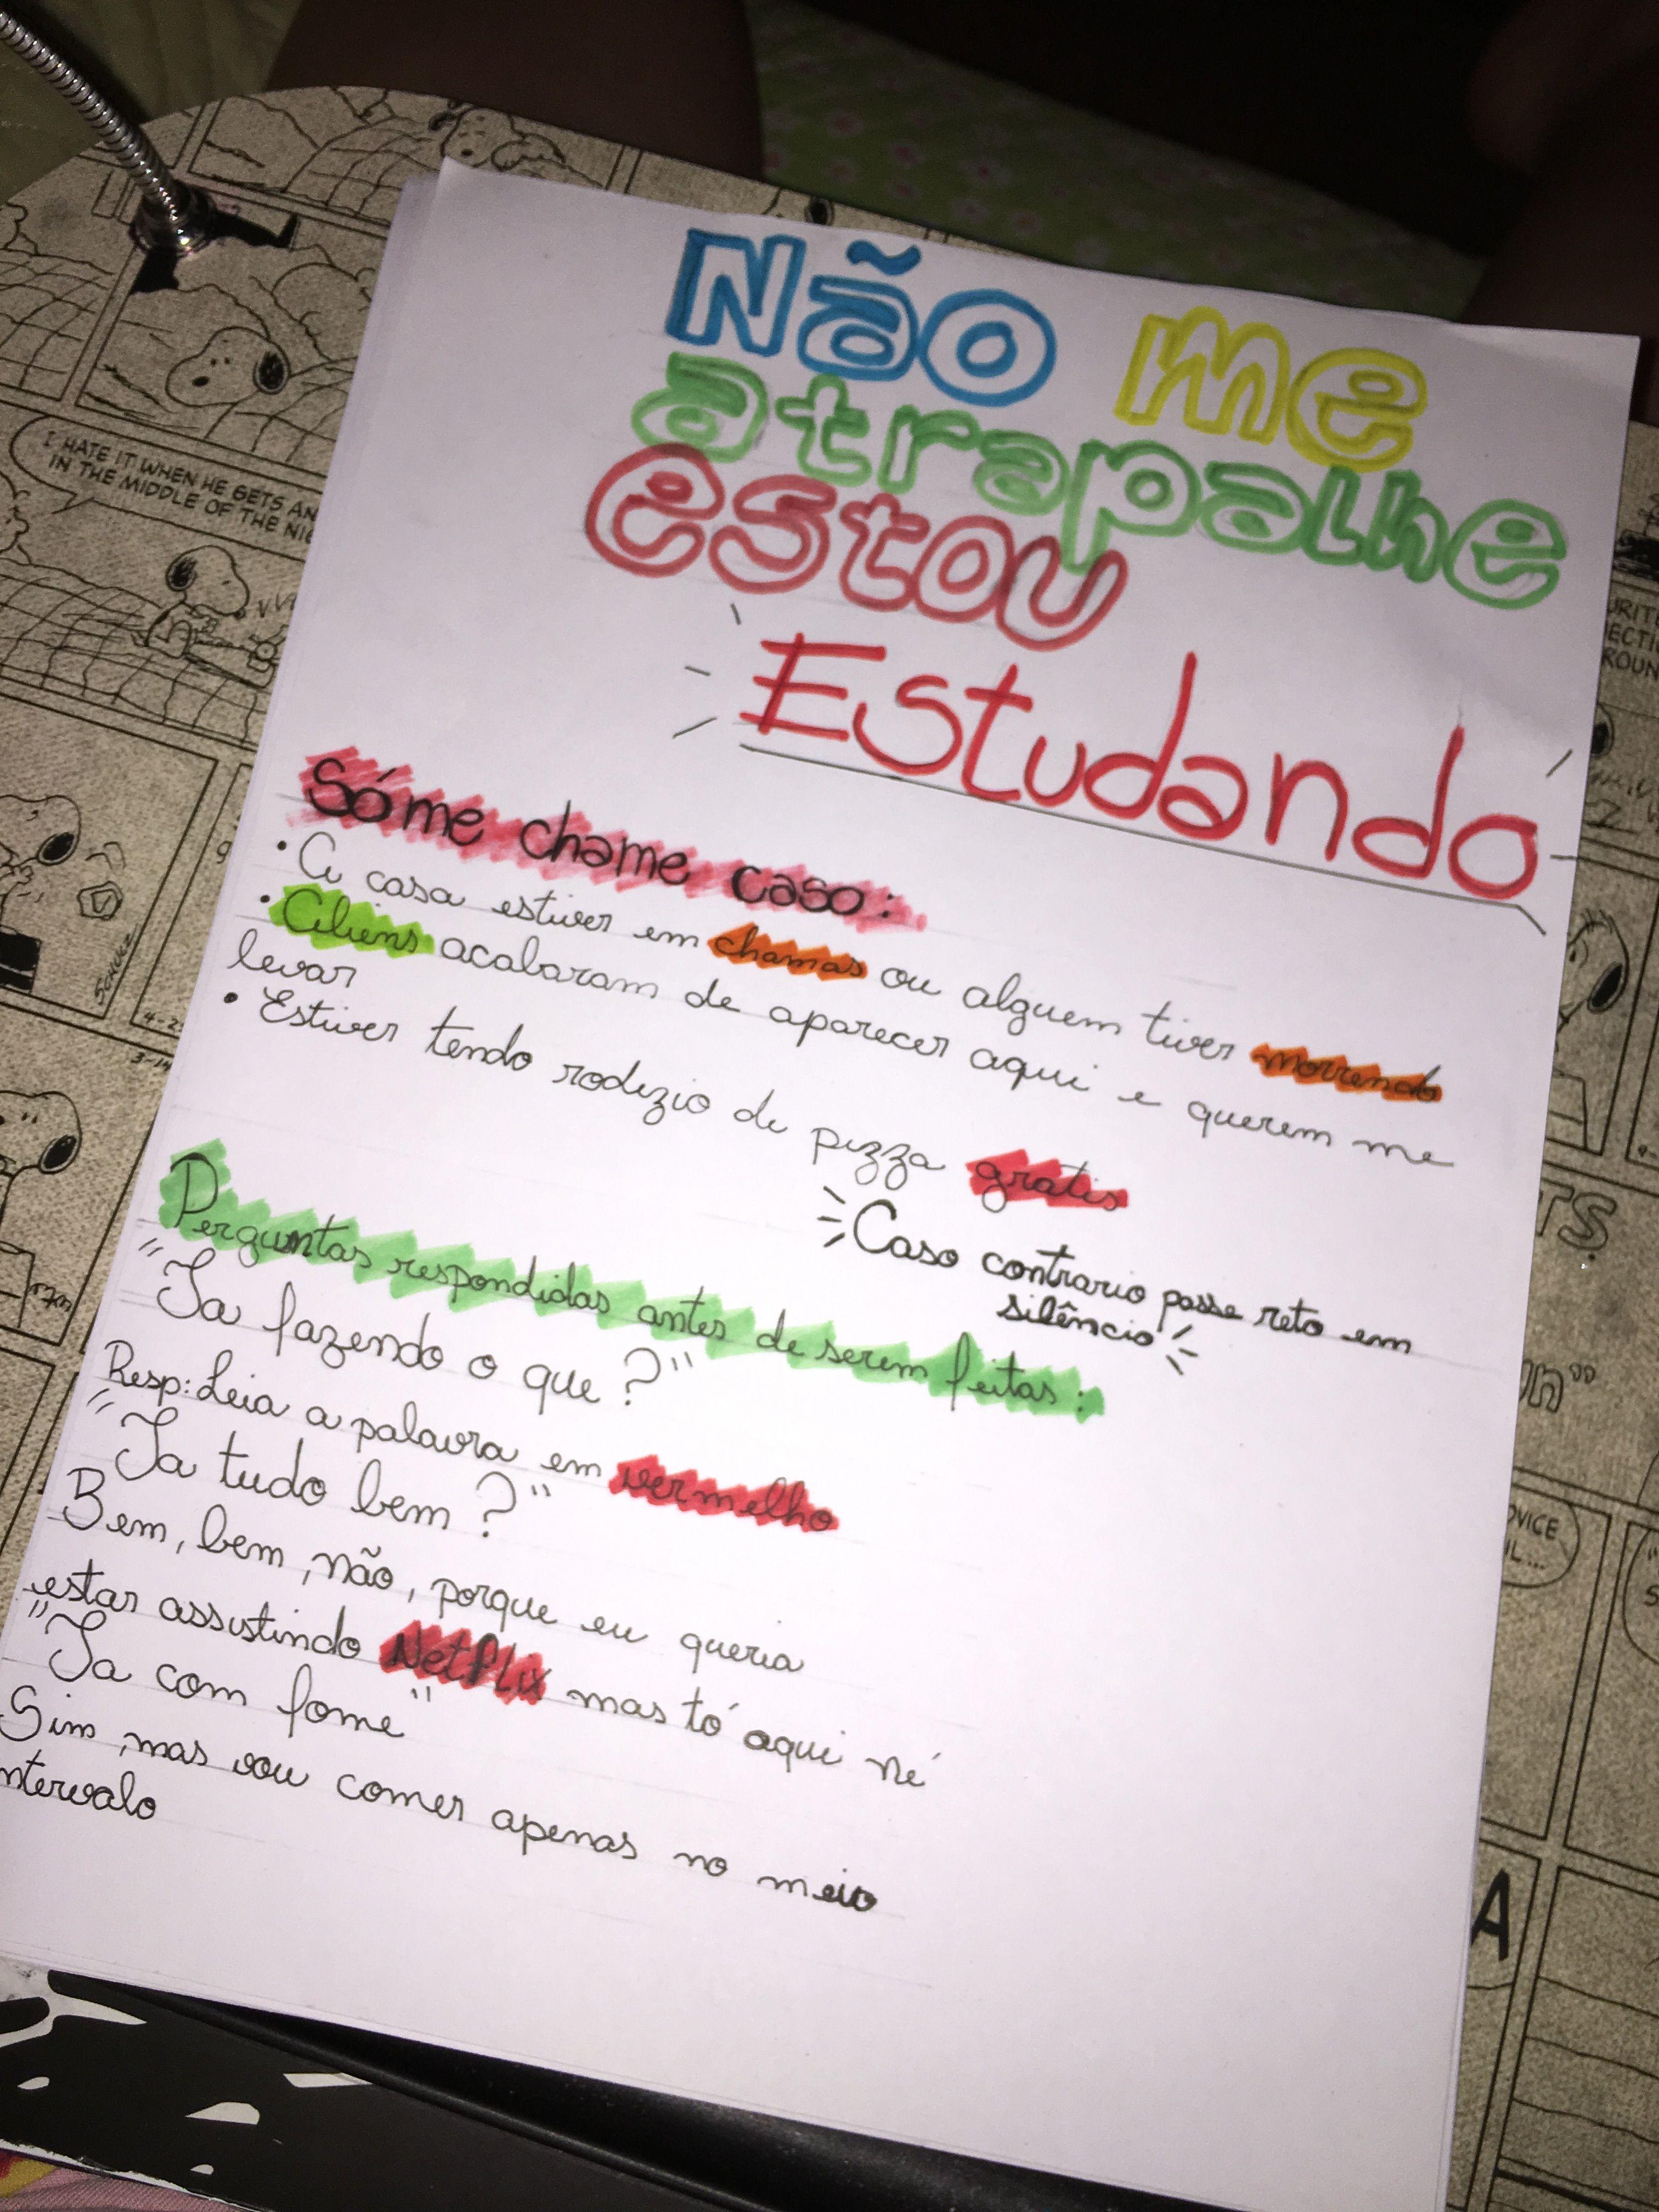 Pin De Camilly Oliveira Em Vida De Estudante Com Imagens Dicas